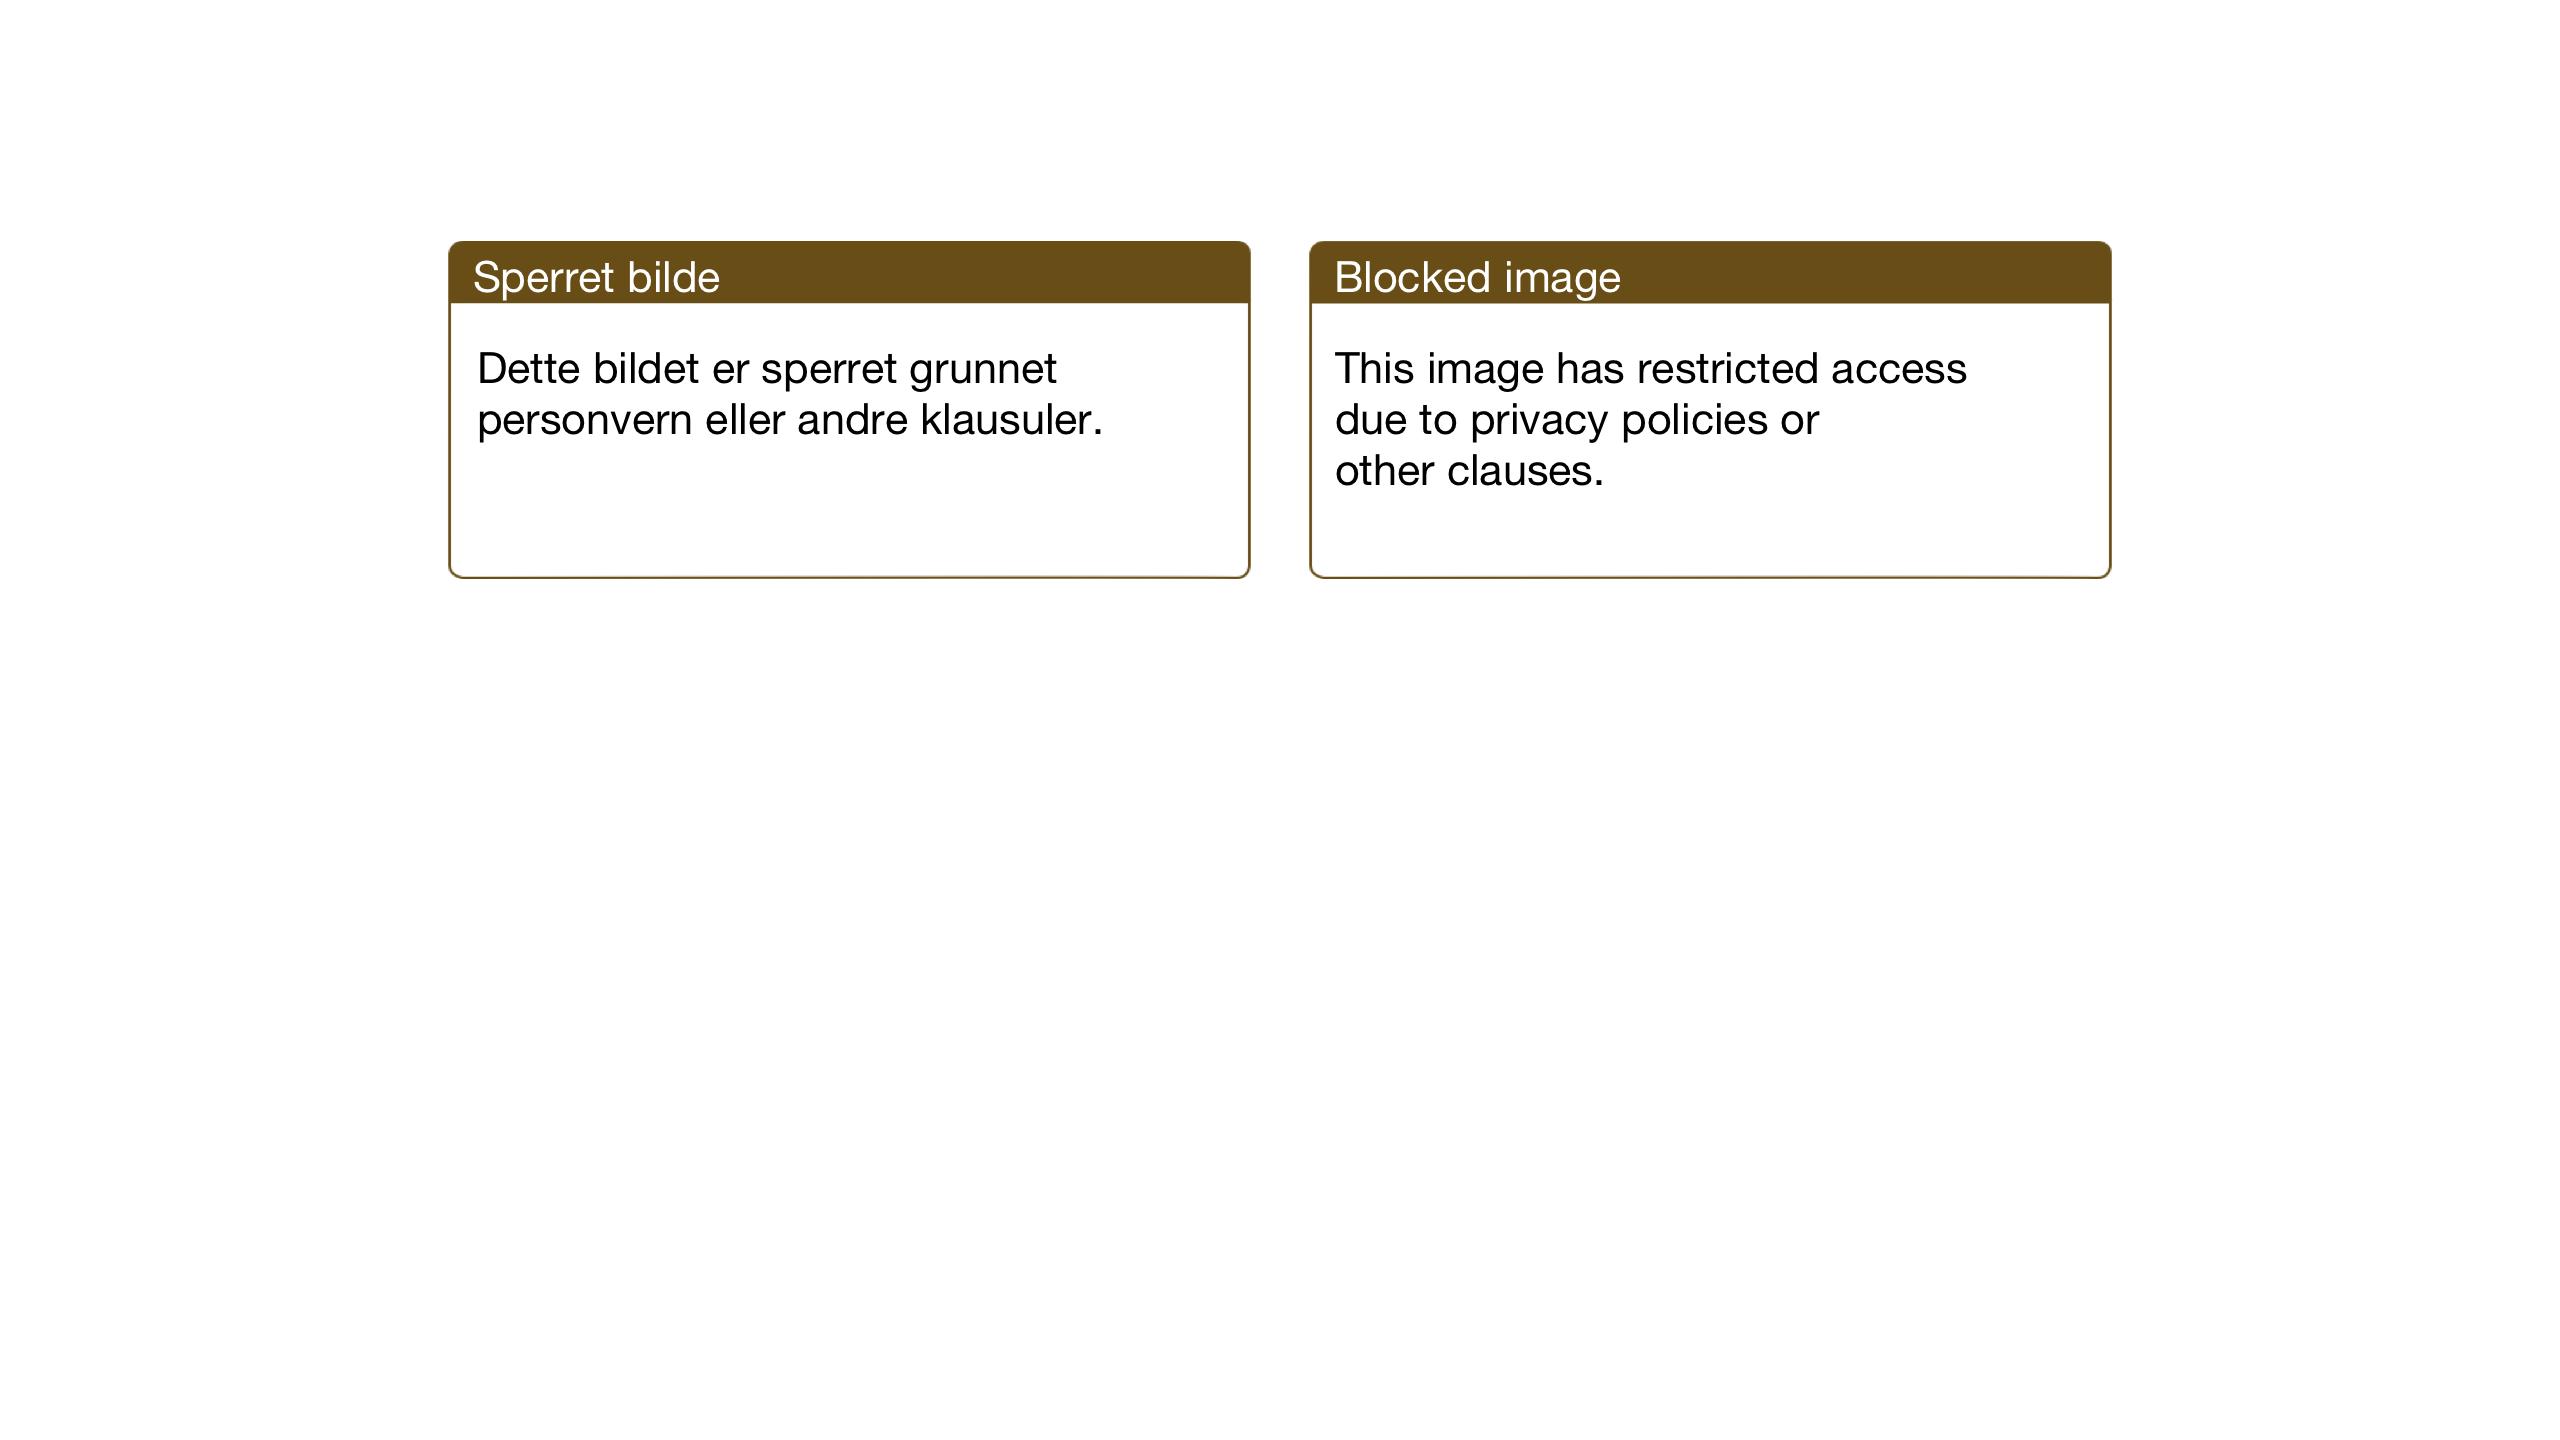 SAT, Ministerialprotokoller, klokkerbøker og fødselsregistre - Nord-Trøndelag, 730/L0304: Klokkerbok nr. 730C07, 1934-1945, s. 17